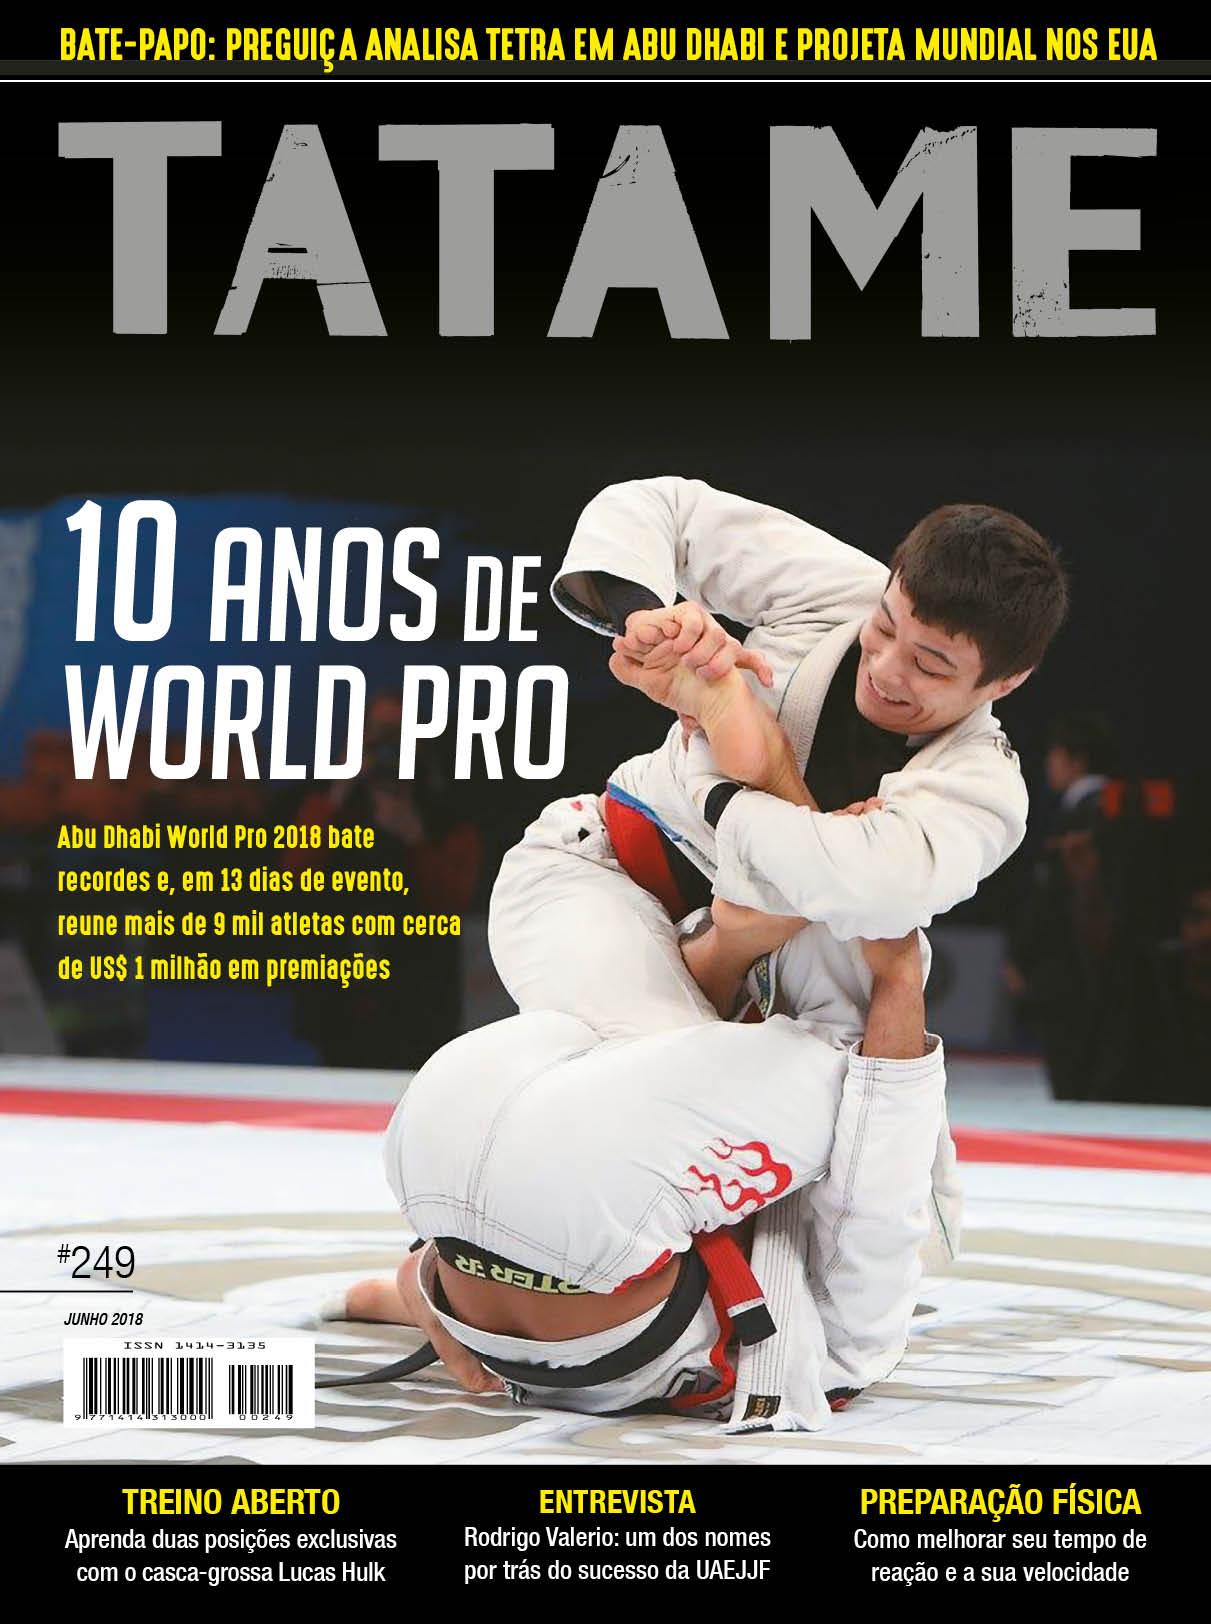 TATAME #249: tudo sobre a histórica décima edição do World Pro, bate-papo com Preguiça e 'treino de Hulk'